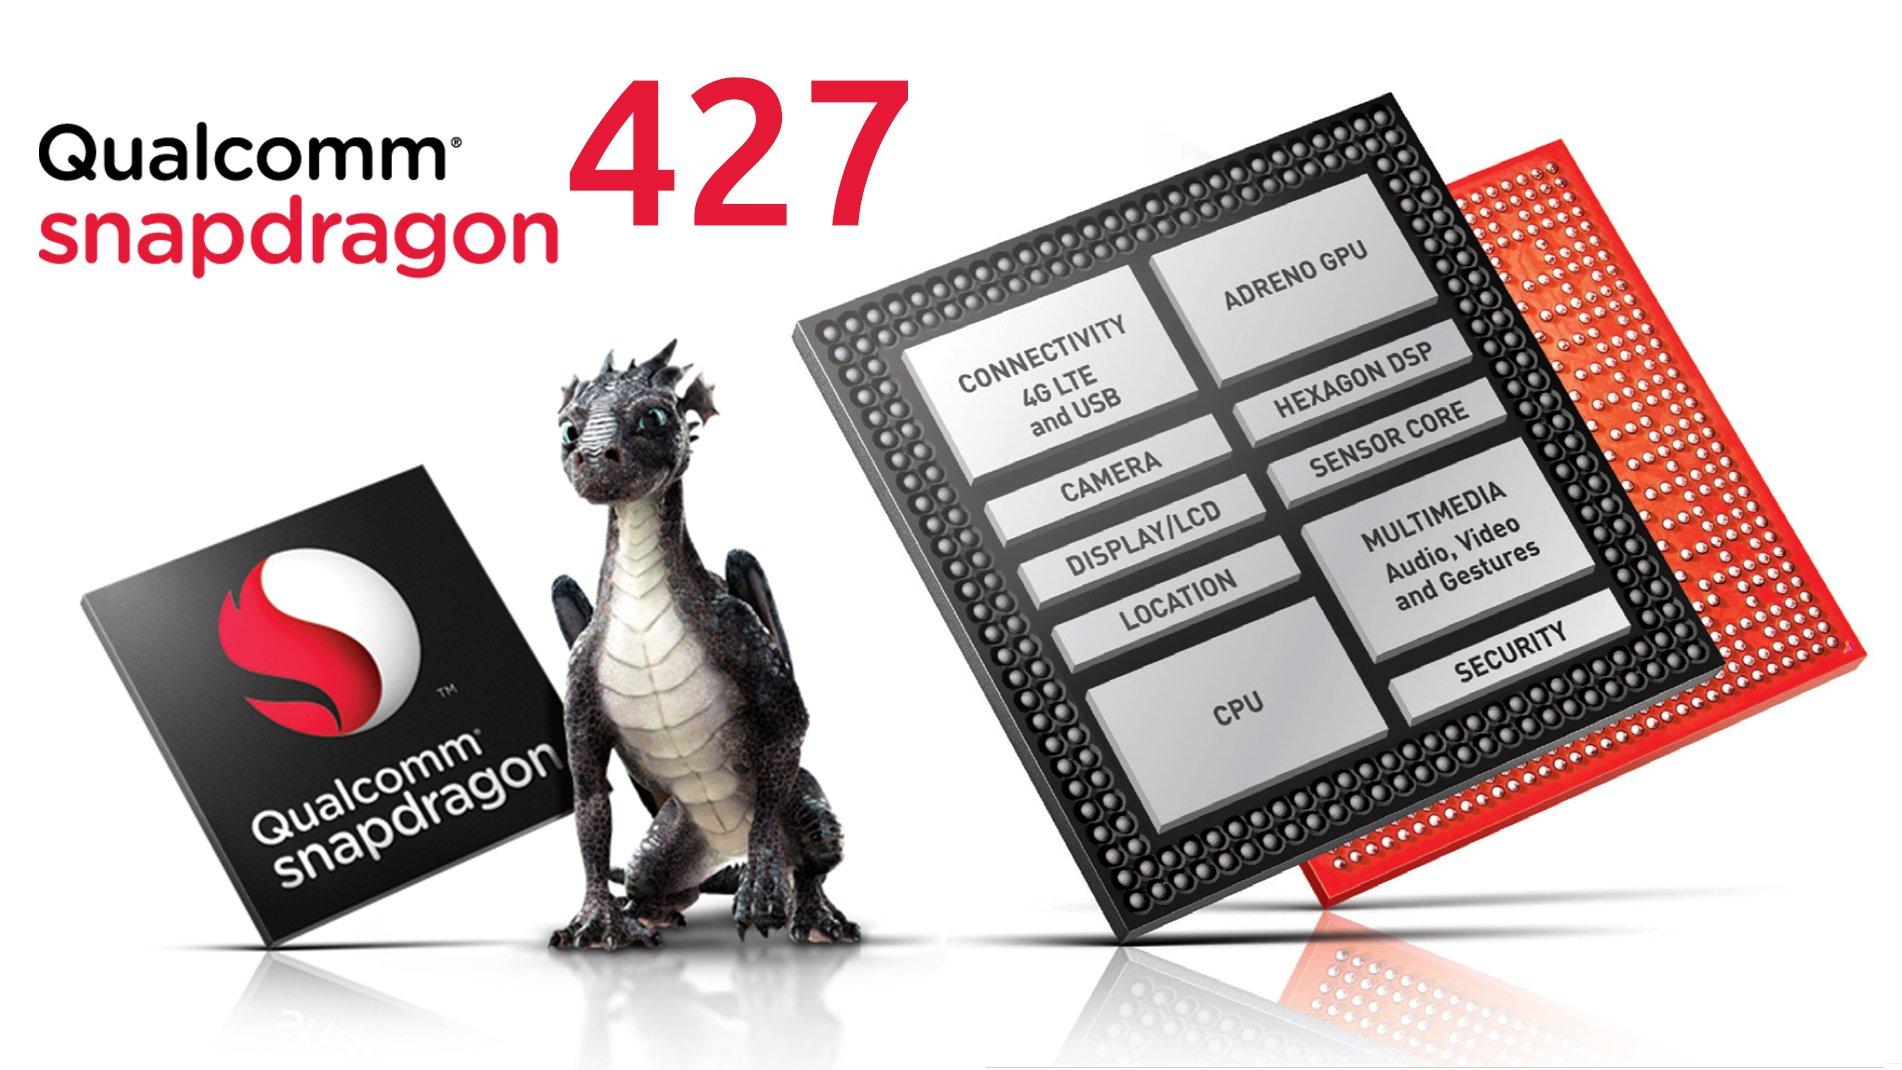 Qualcomm SnapDragon 427 Özellikleri